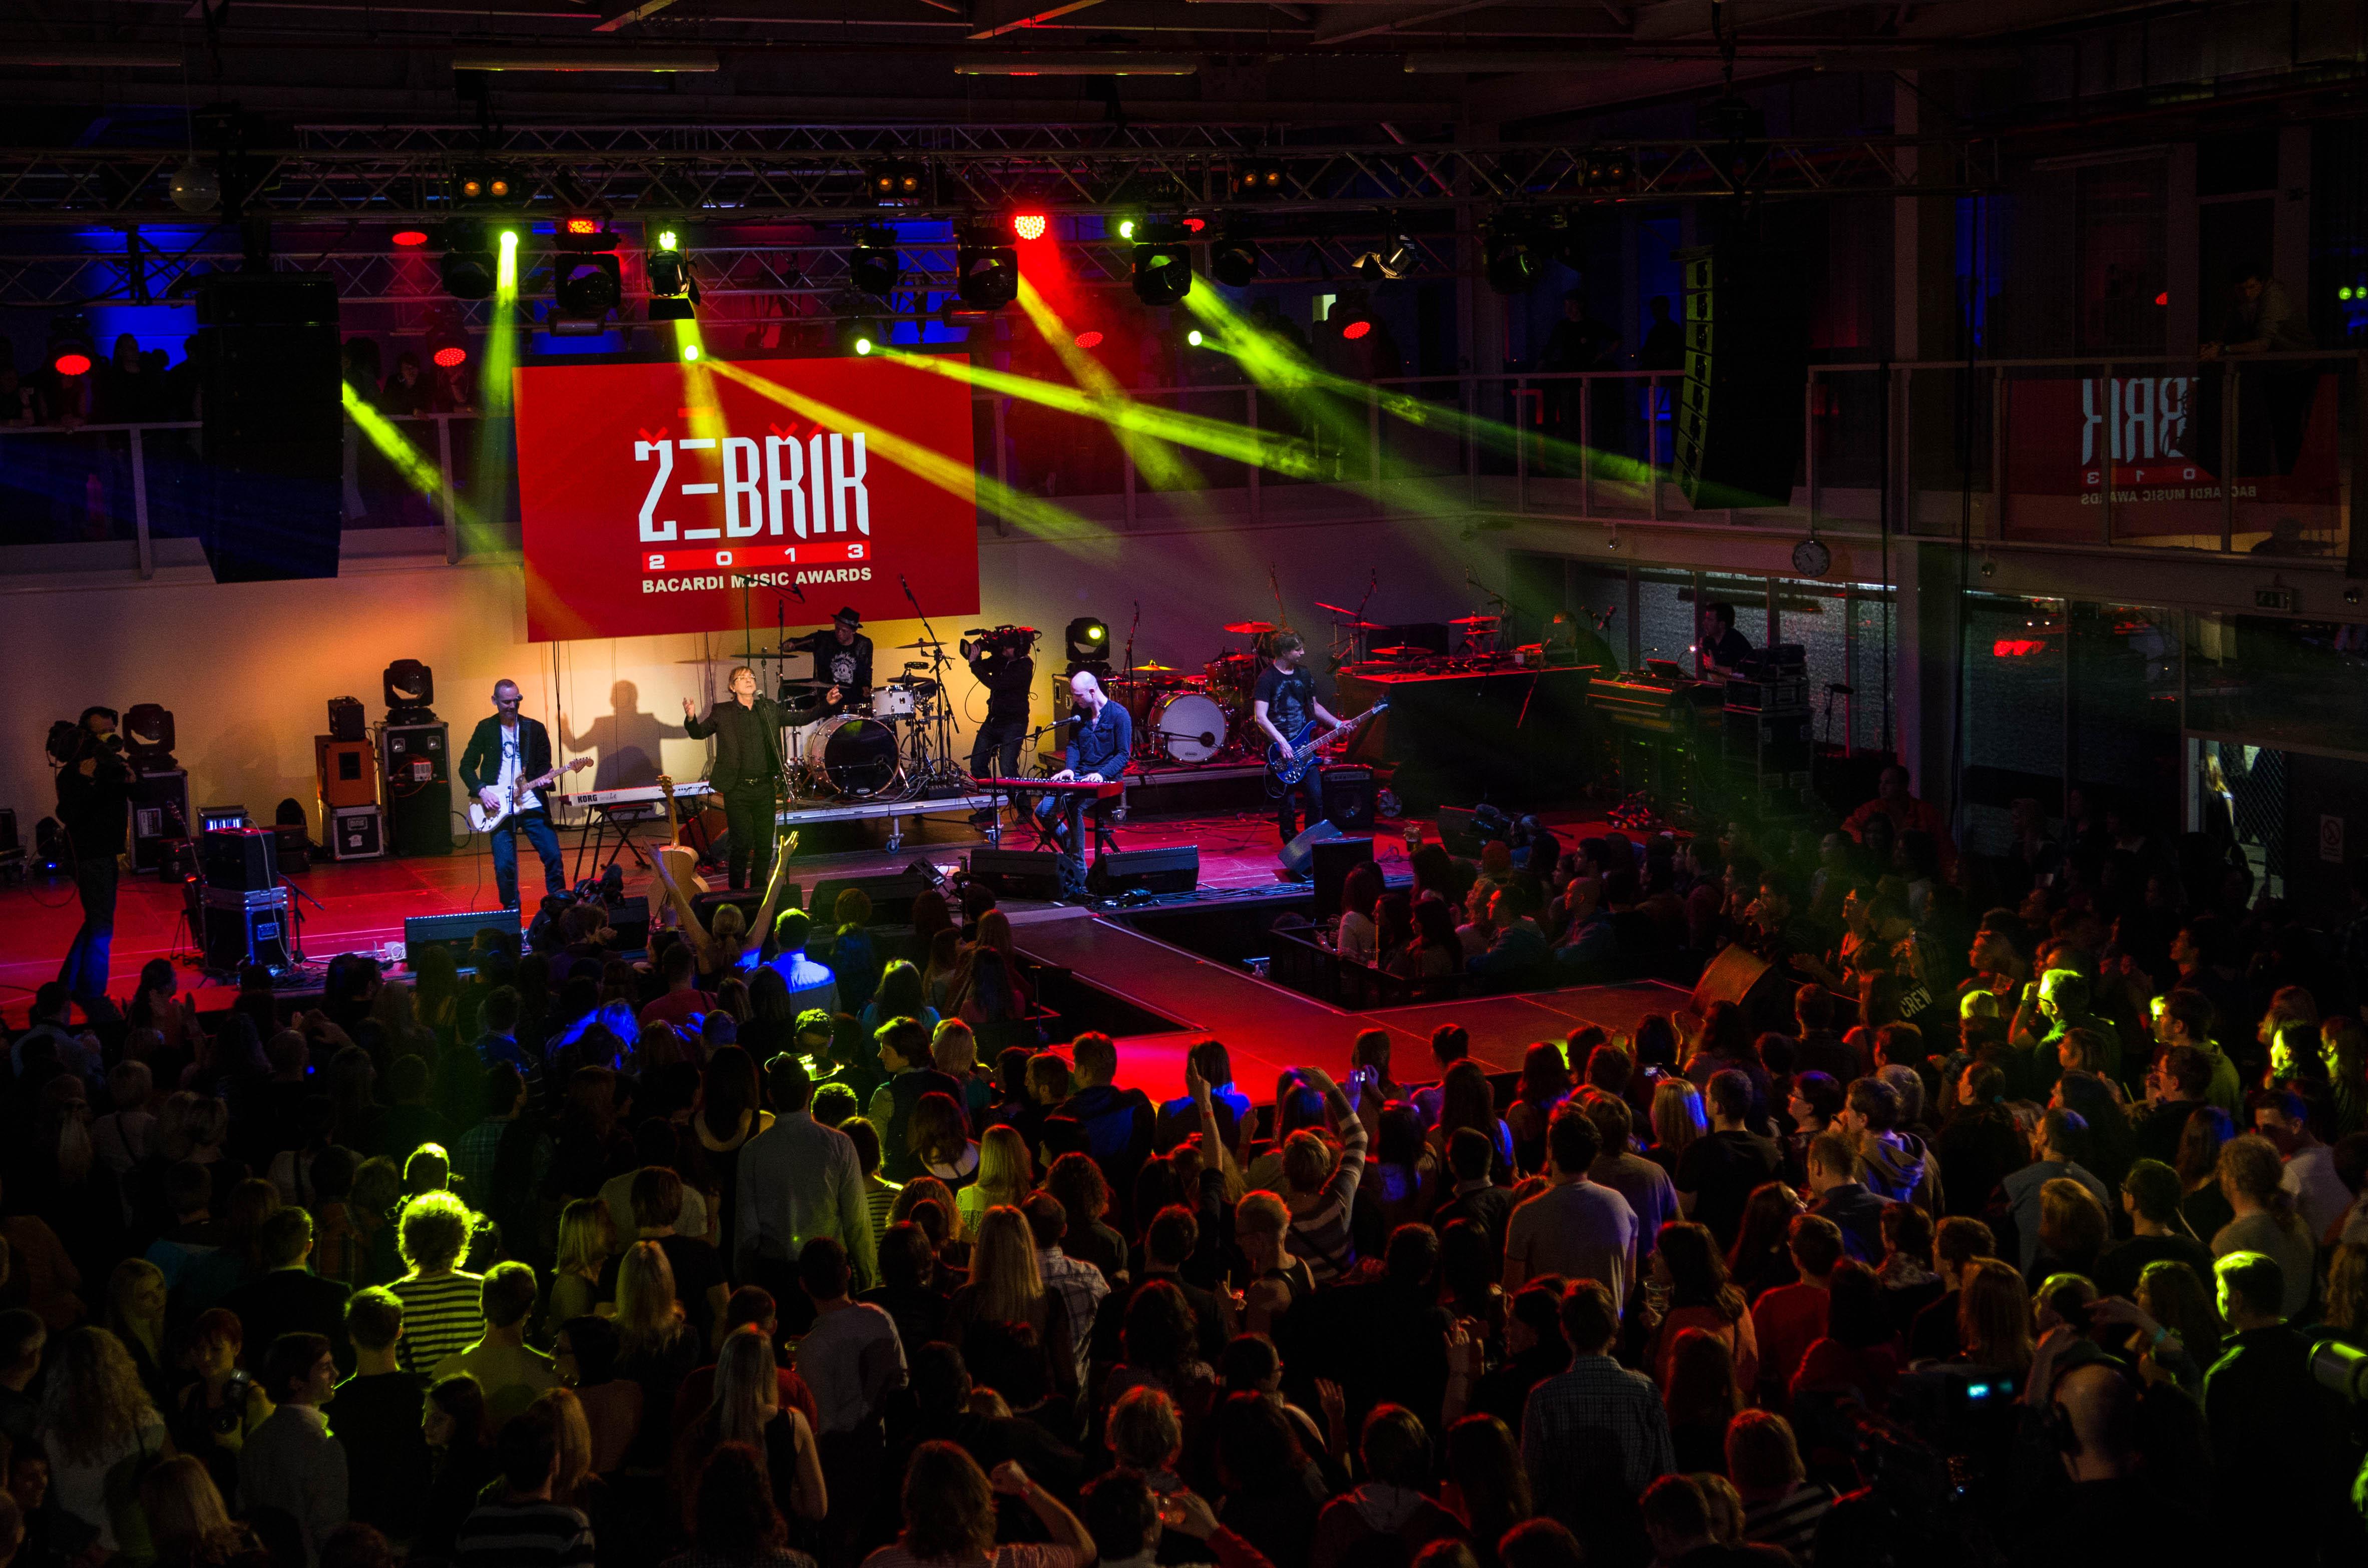 Anketa Žebřík startuje, vyhlášení proběhne 13. března v novém kulturním centru Depo2015